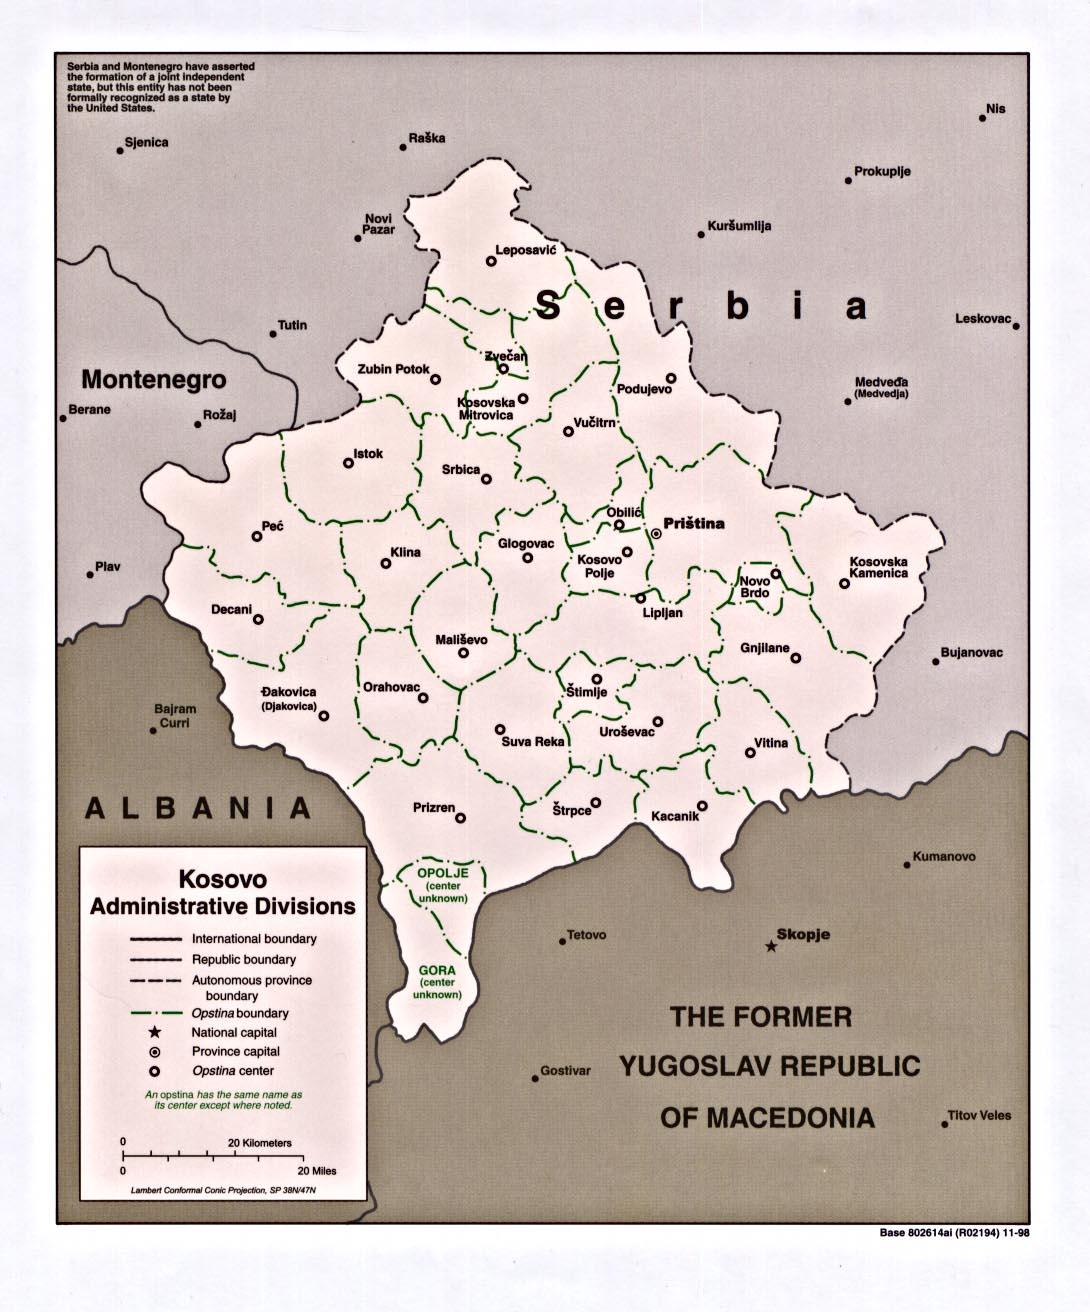 Mapa de las Divisiones Administrativas de Kosovo